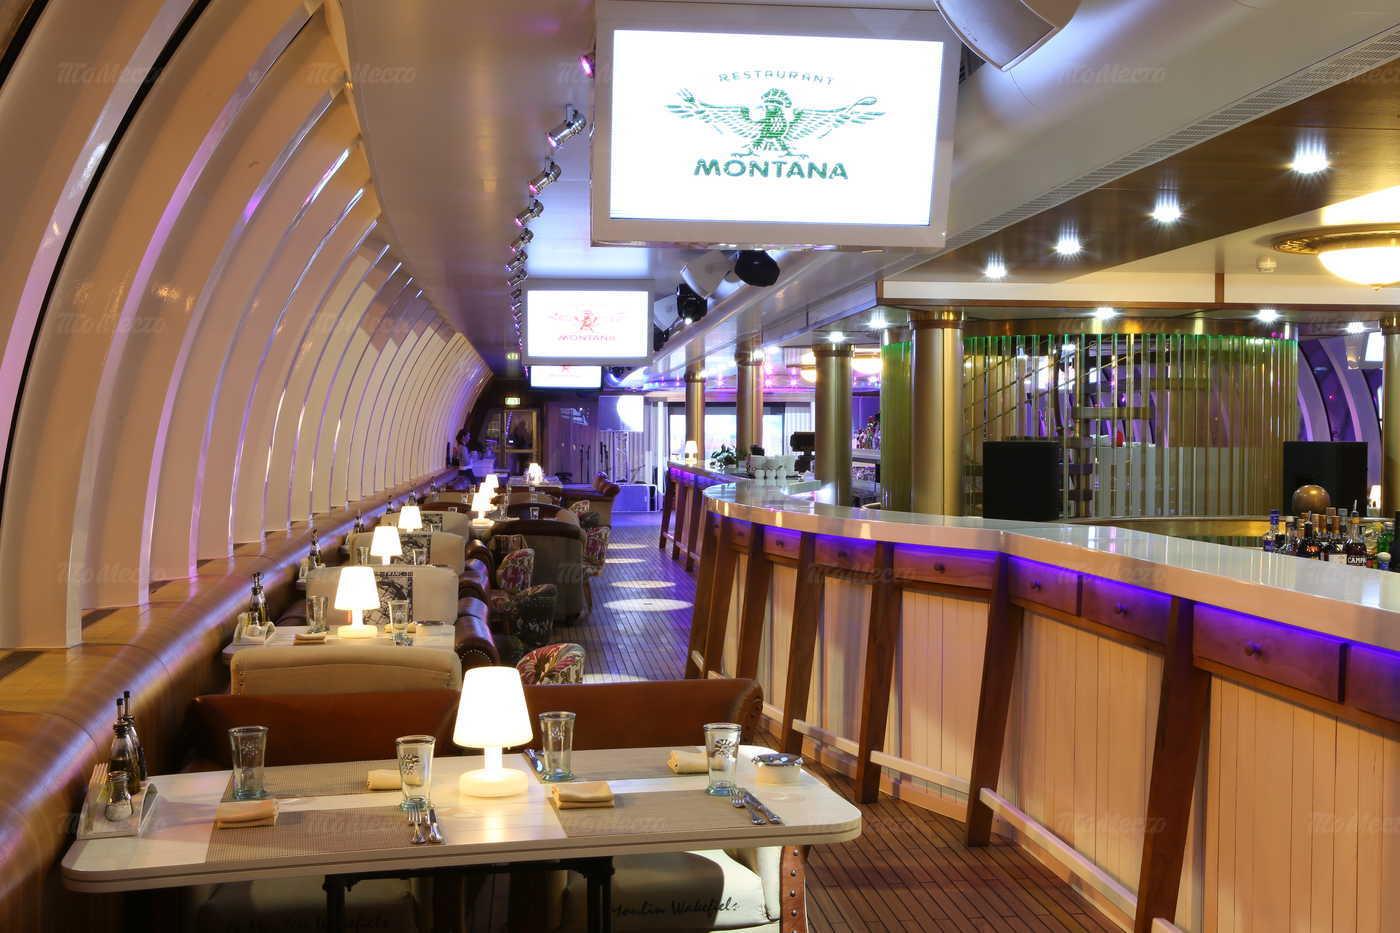 Меню ресторана Монтана в набережной Тарасе Шевченко